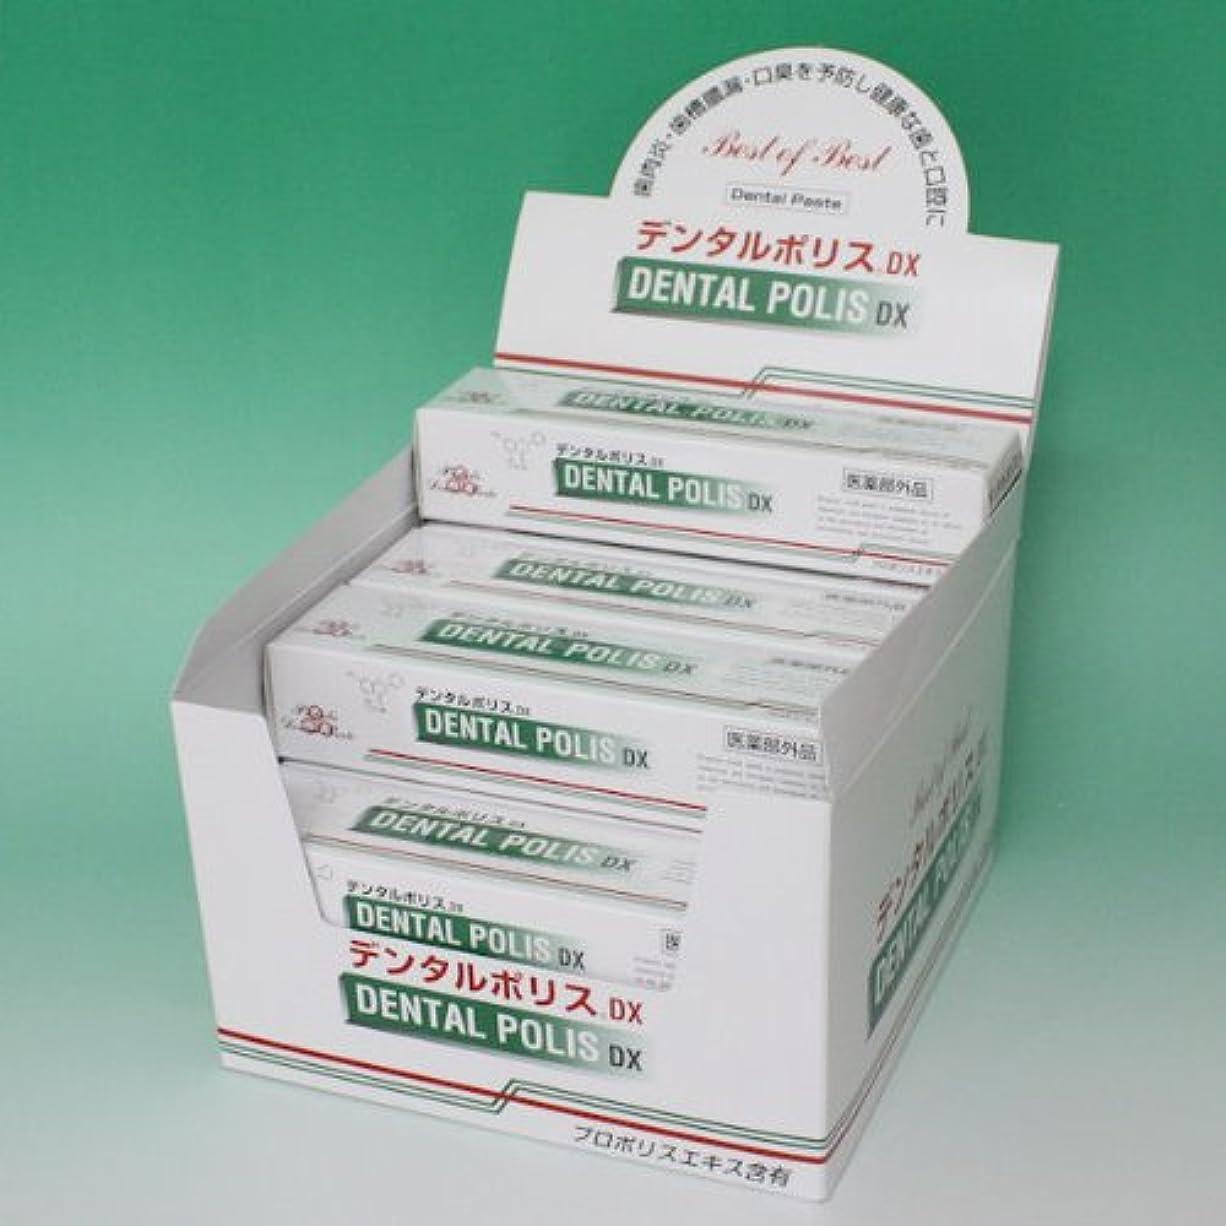 一定トレード廊下デンタルポリスDX 80g  12本セット 医薬部外品  歯みがき 8gサンプル2本 進呈!